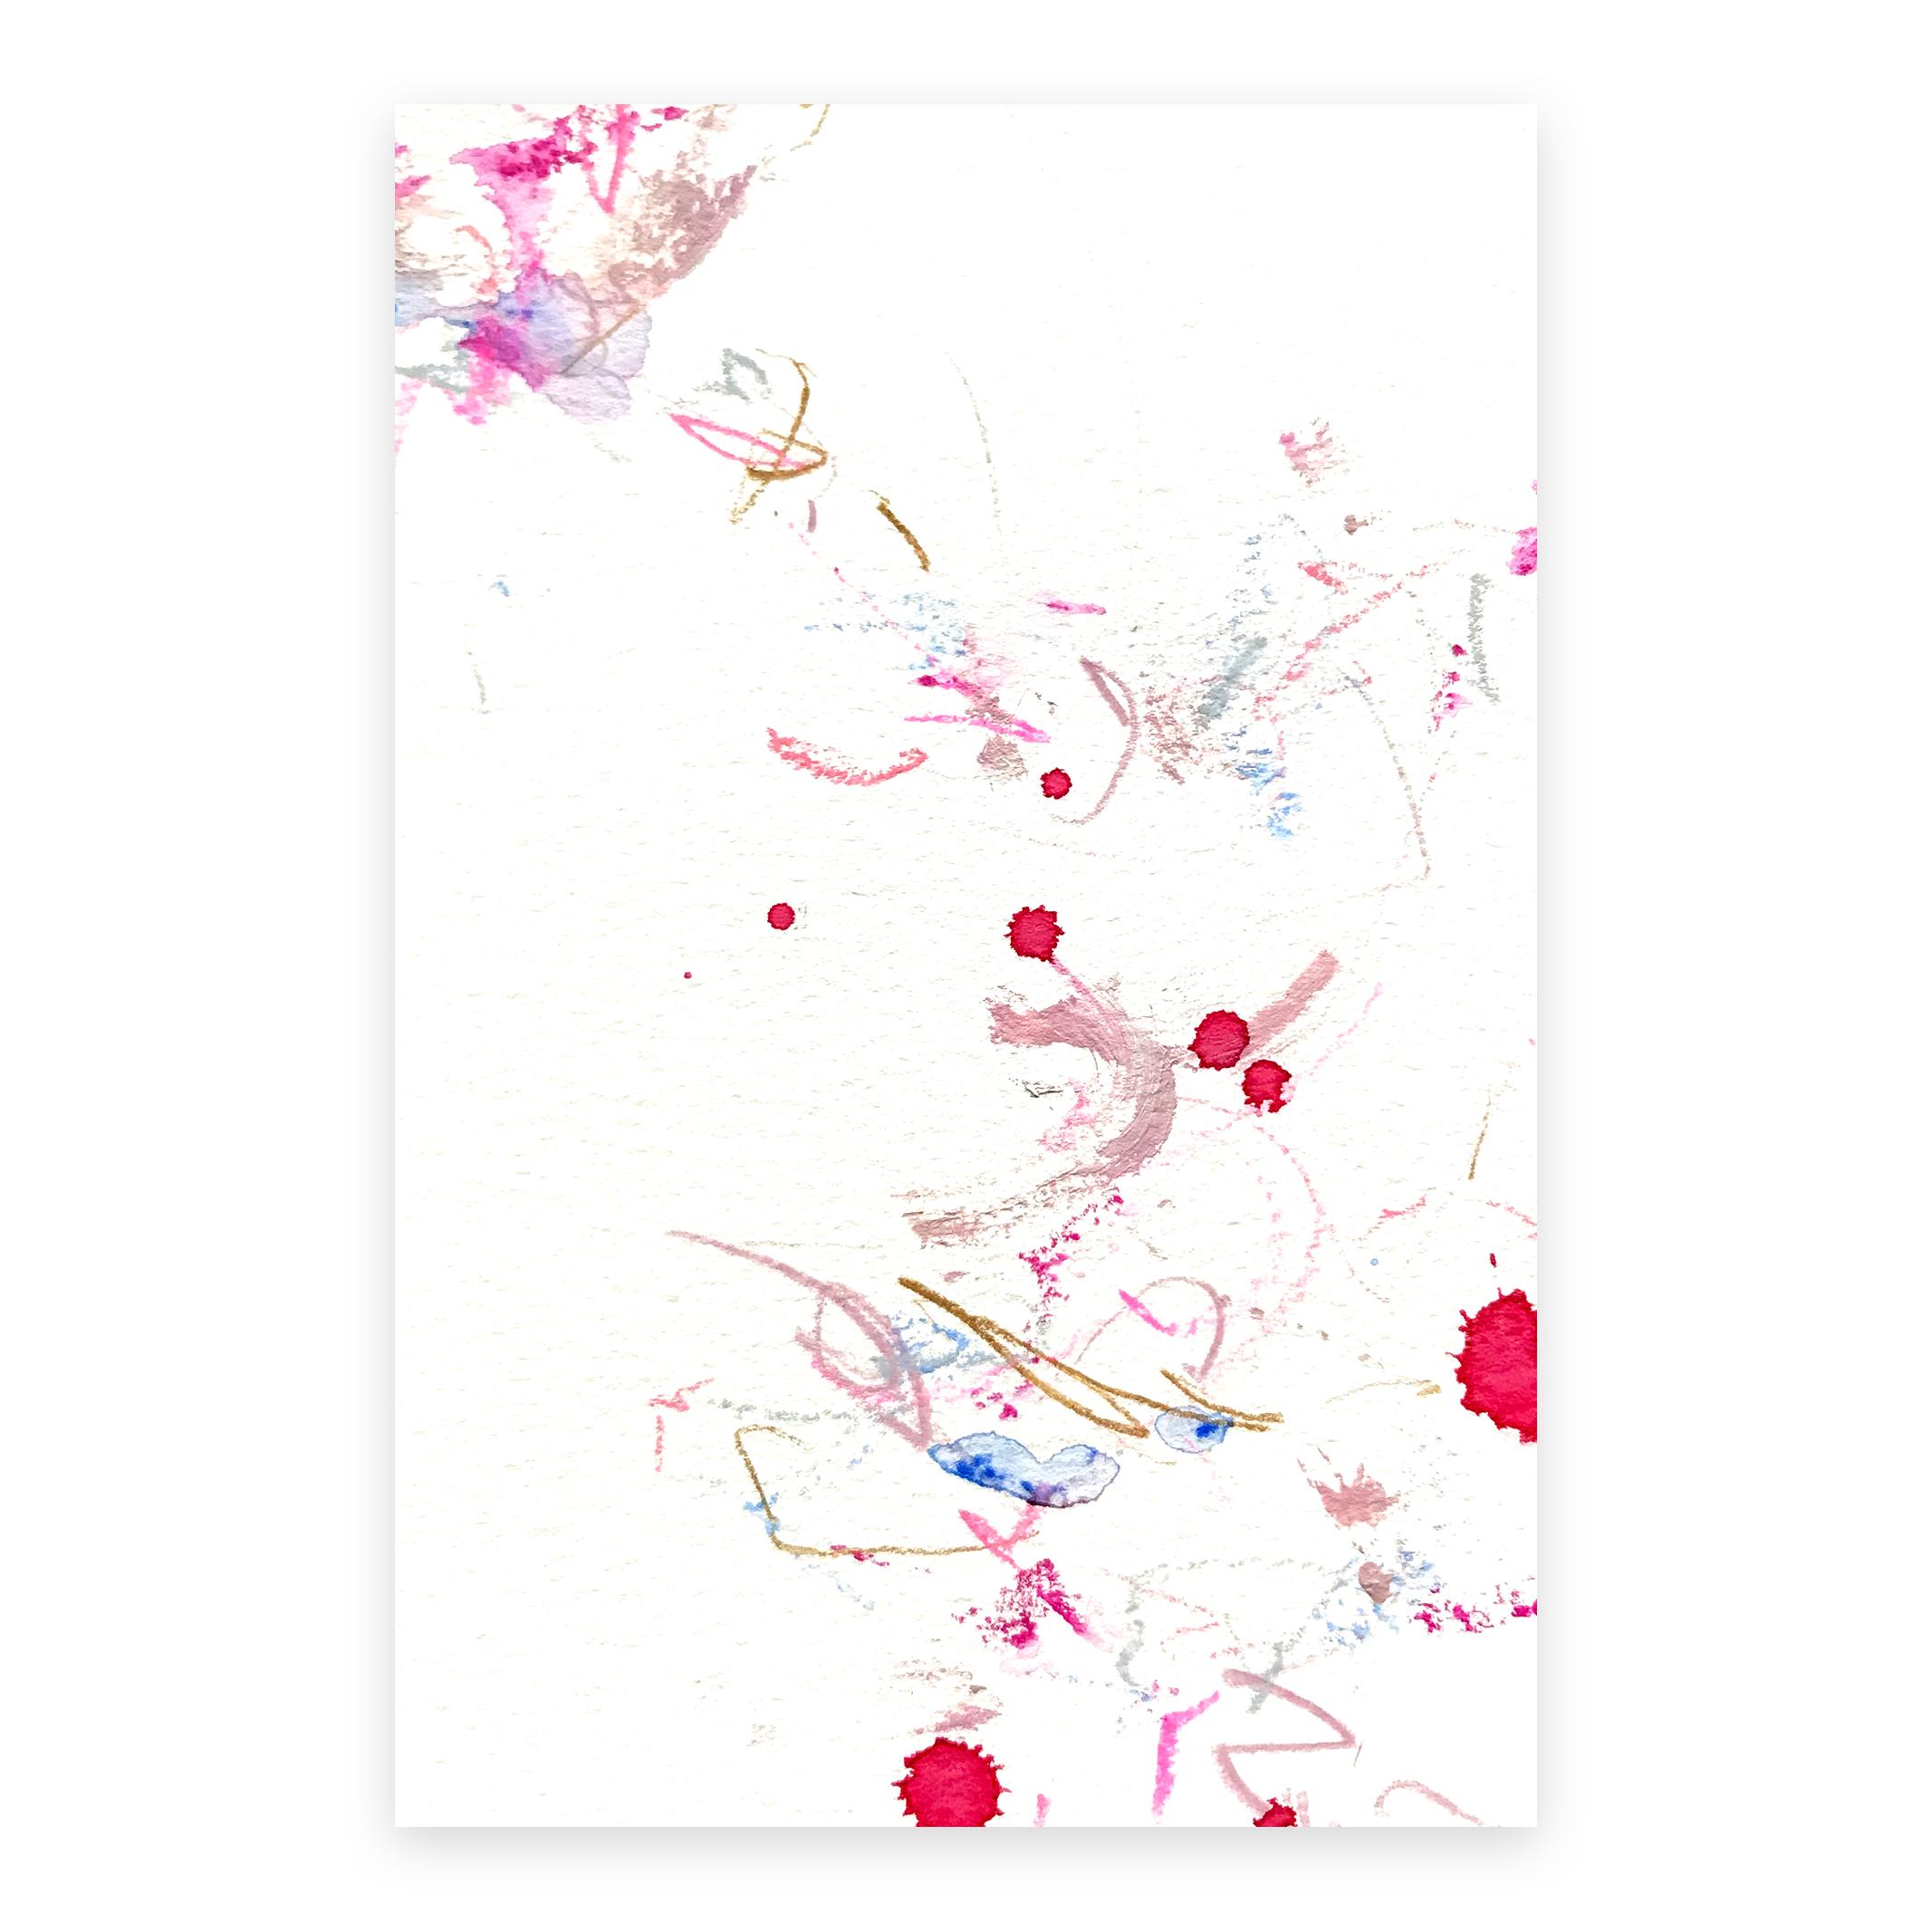 dd_dec08181  Mixed media on paper 14.8×10cm